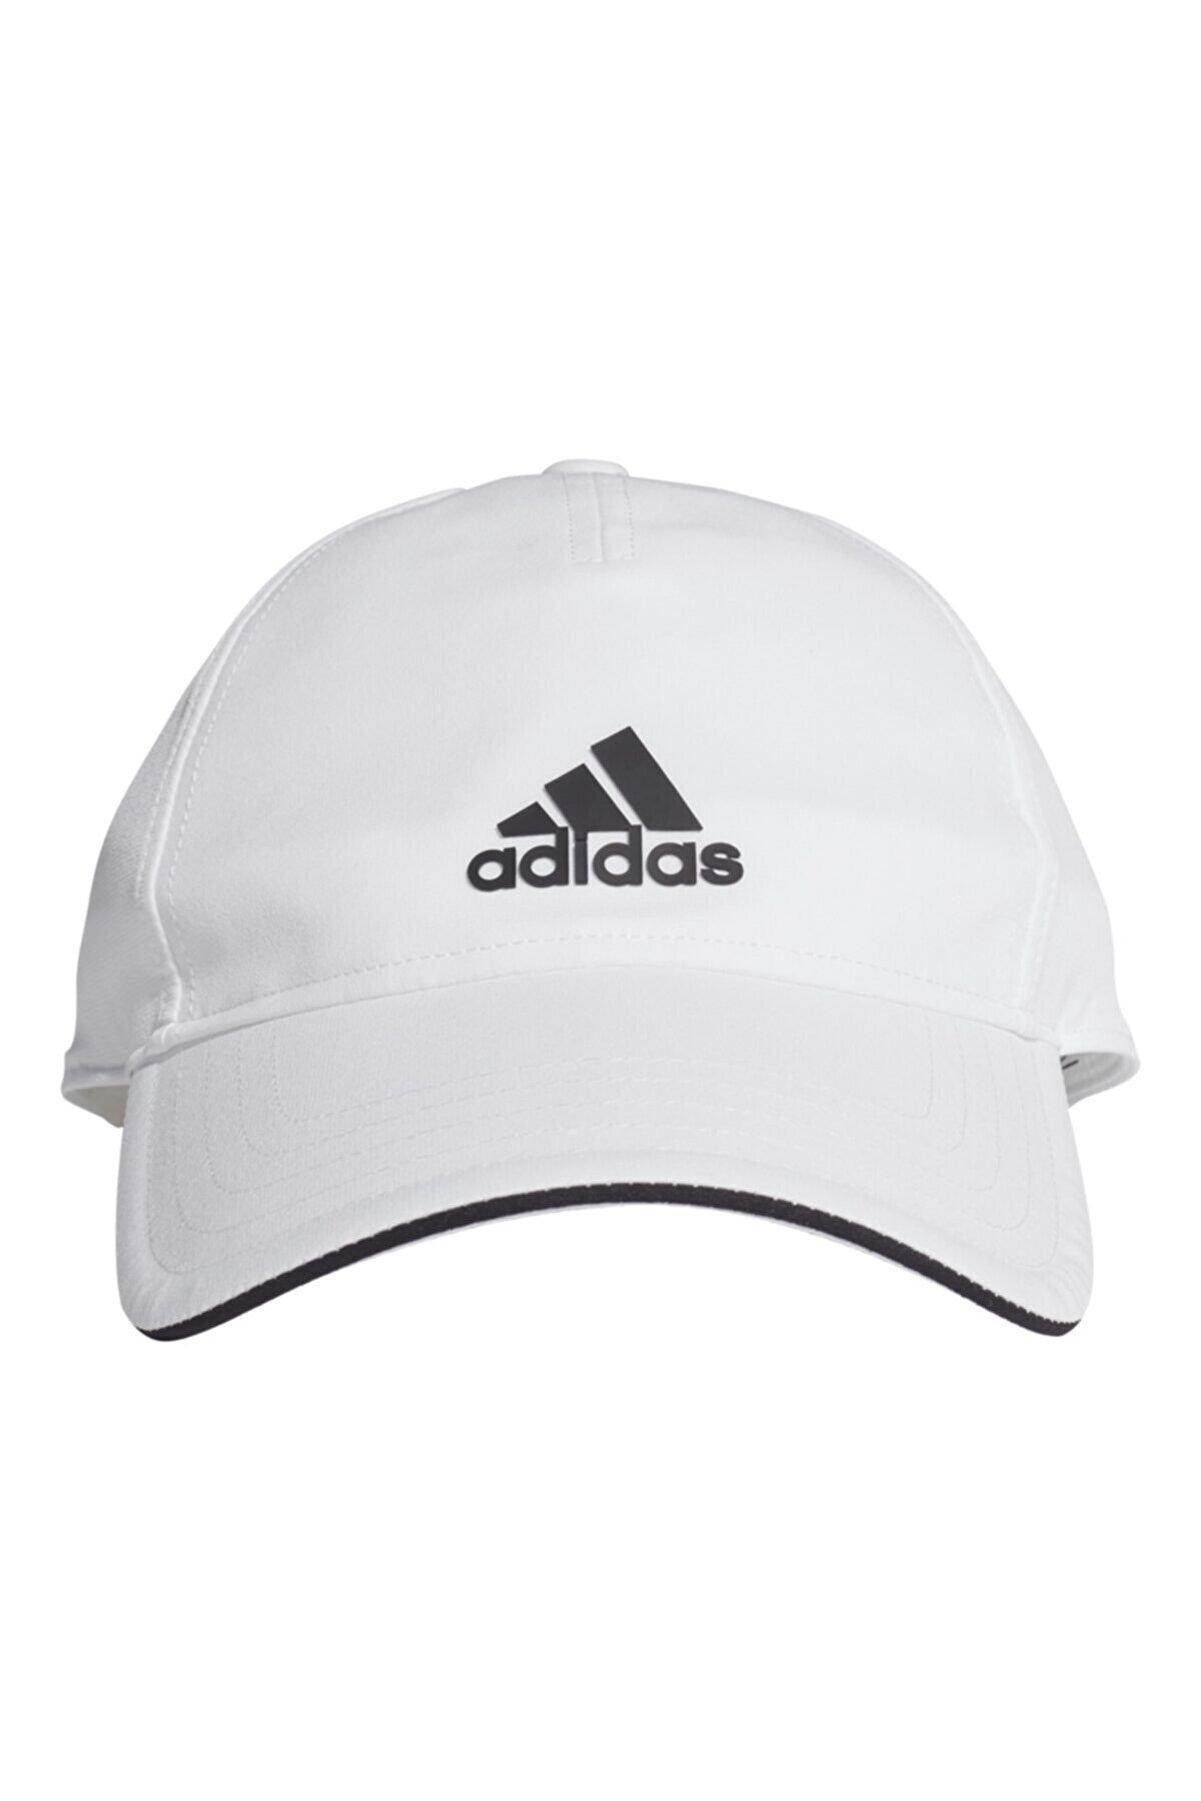 adidas BB CAP 4AT AR Beyaz Erkek Şapka 100630831